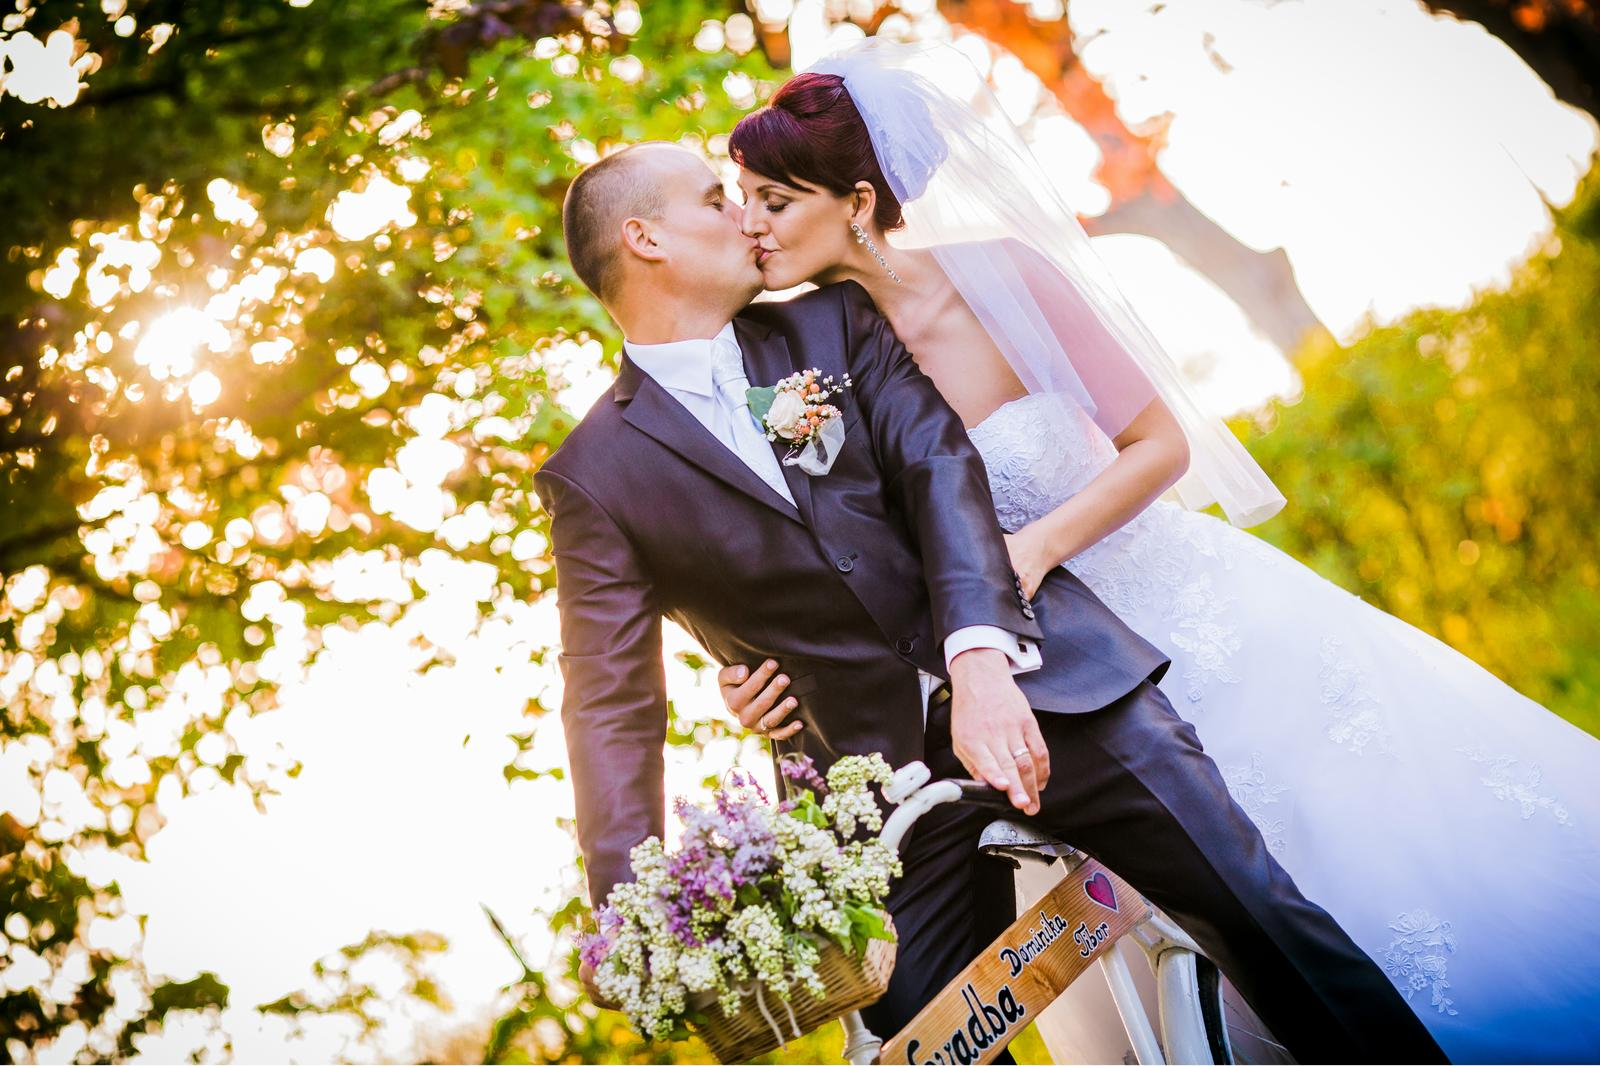 Ponúkam voľné svadobné termíny... - Obrázok č. 2